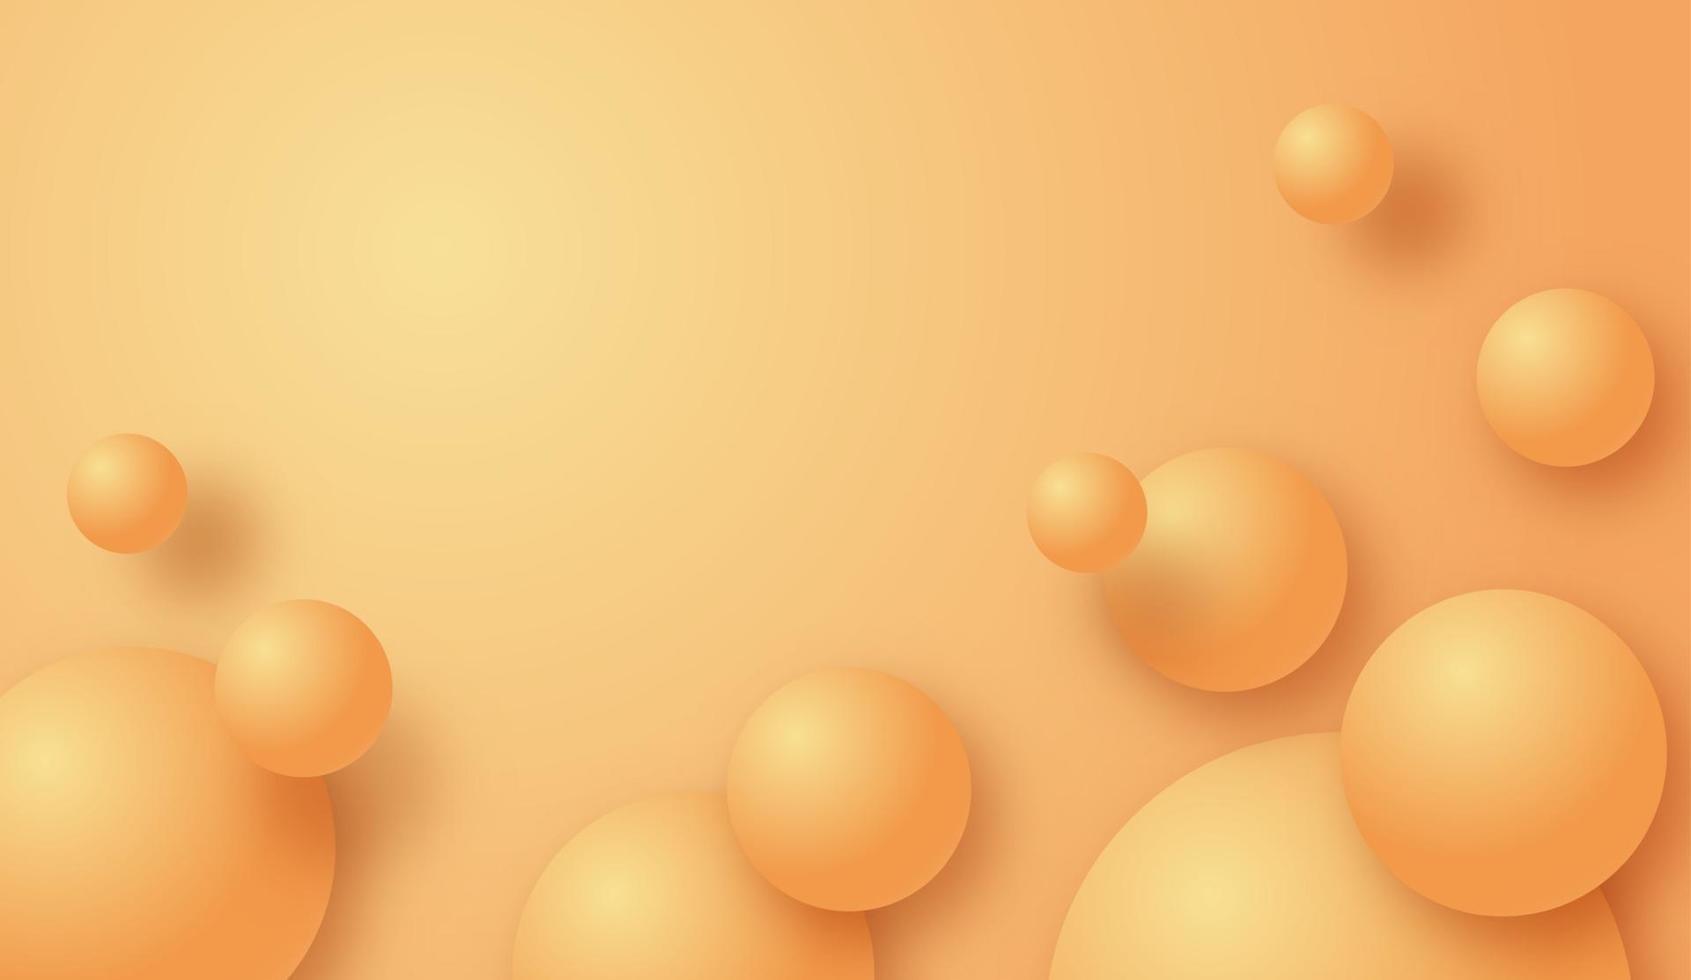 moderner runder Kreishintergrund des webabstract 3d. gelbes geometrisches Banner. Vektorgrafikenillustration vektor